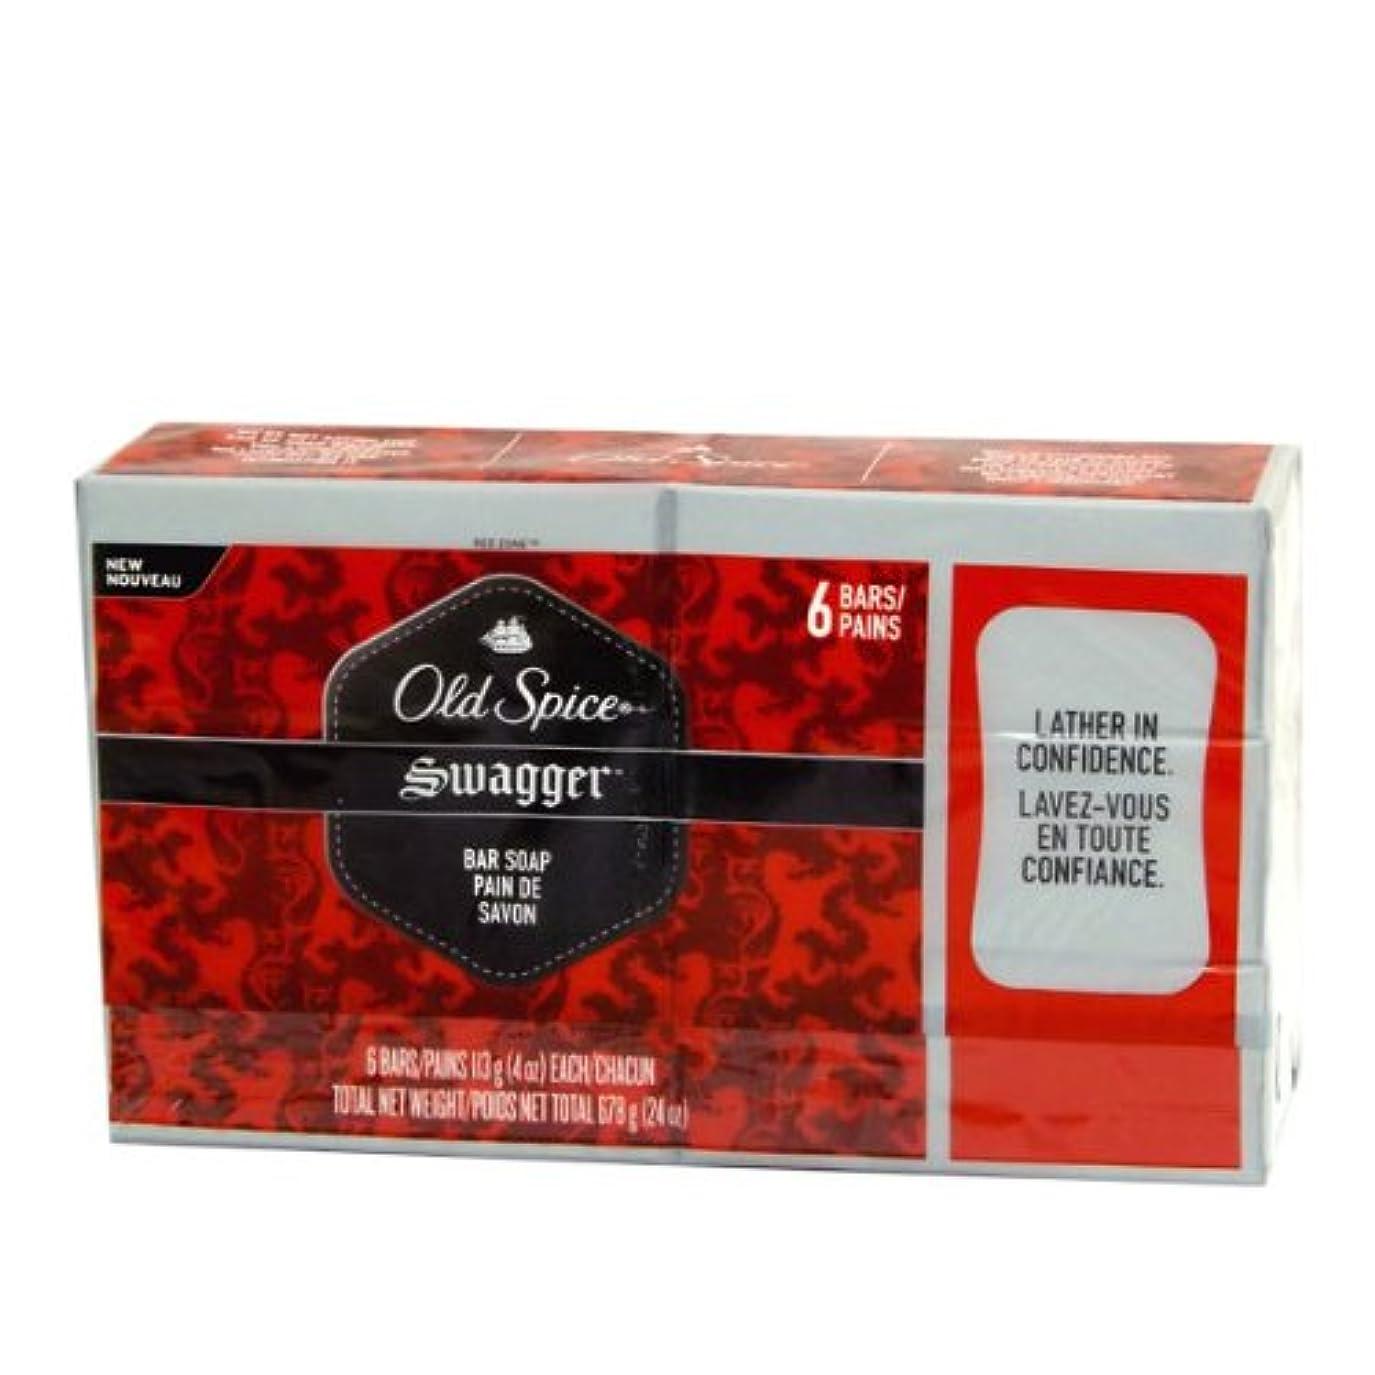 クランシー離婚不公平Old spice bar soap swagger オールドスパイス バーソープ スワガー (石鹸) 6個パック [並行輸入品]